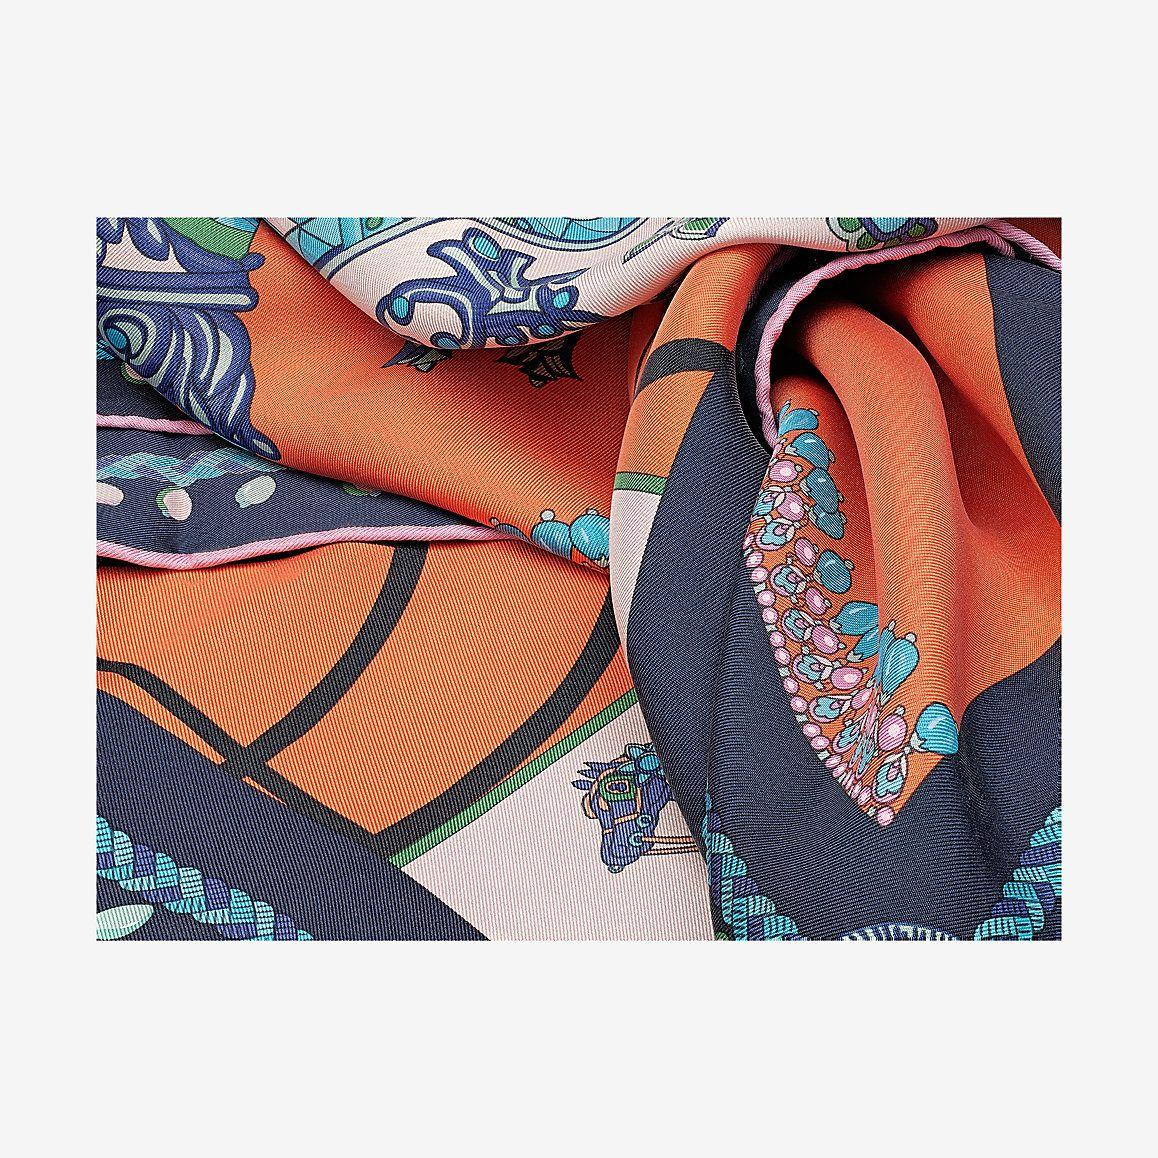 b8cb871a6a Coupe de Gala wash scarf 90 - detail